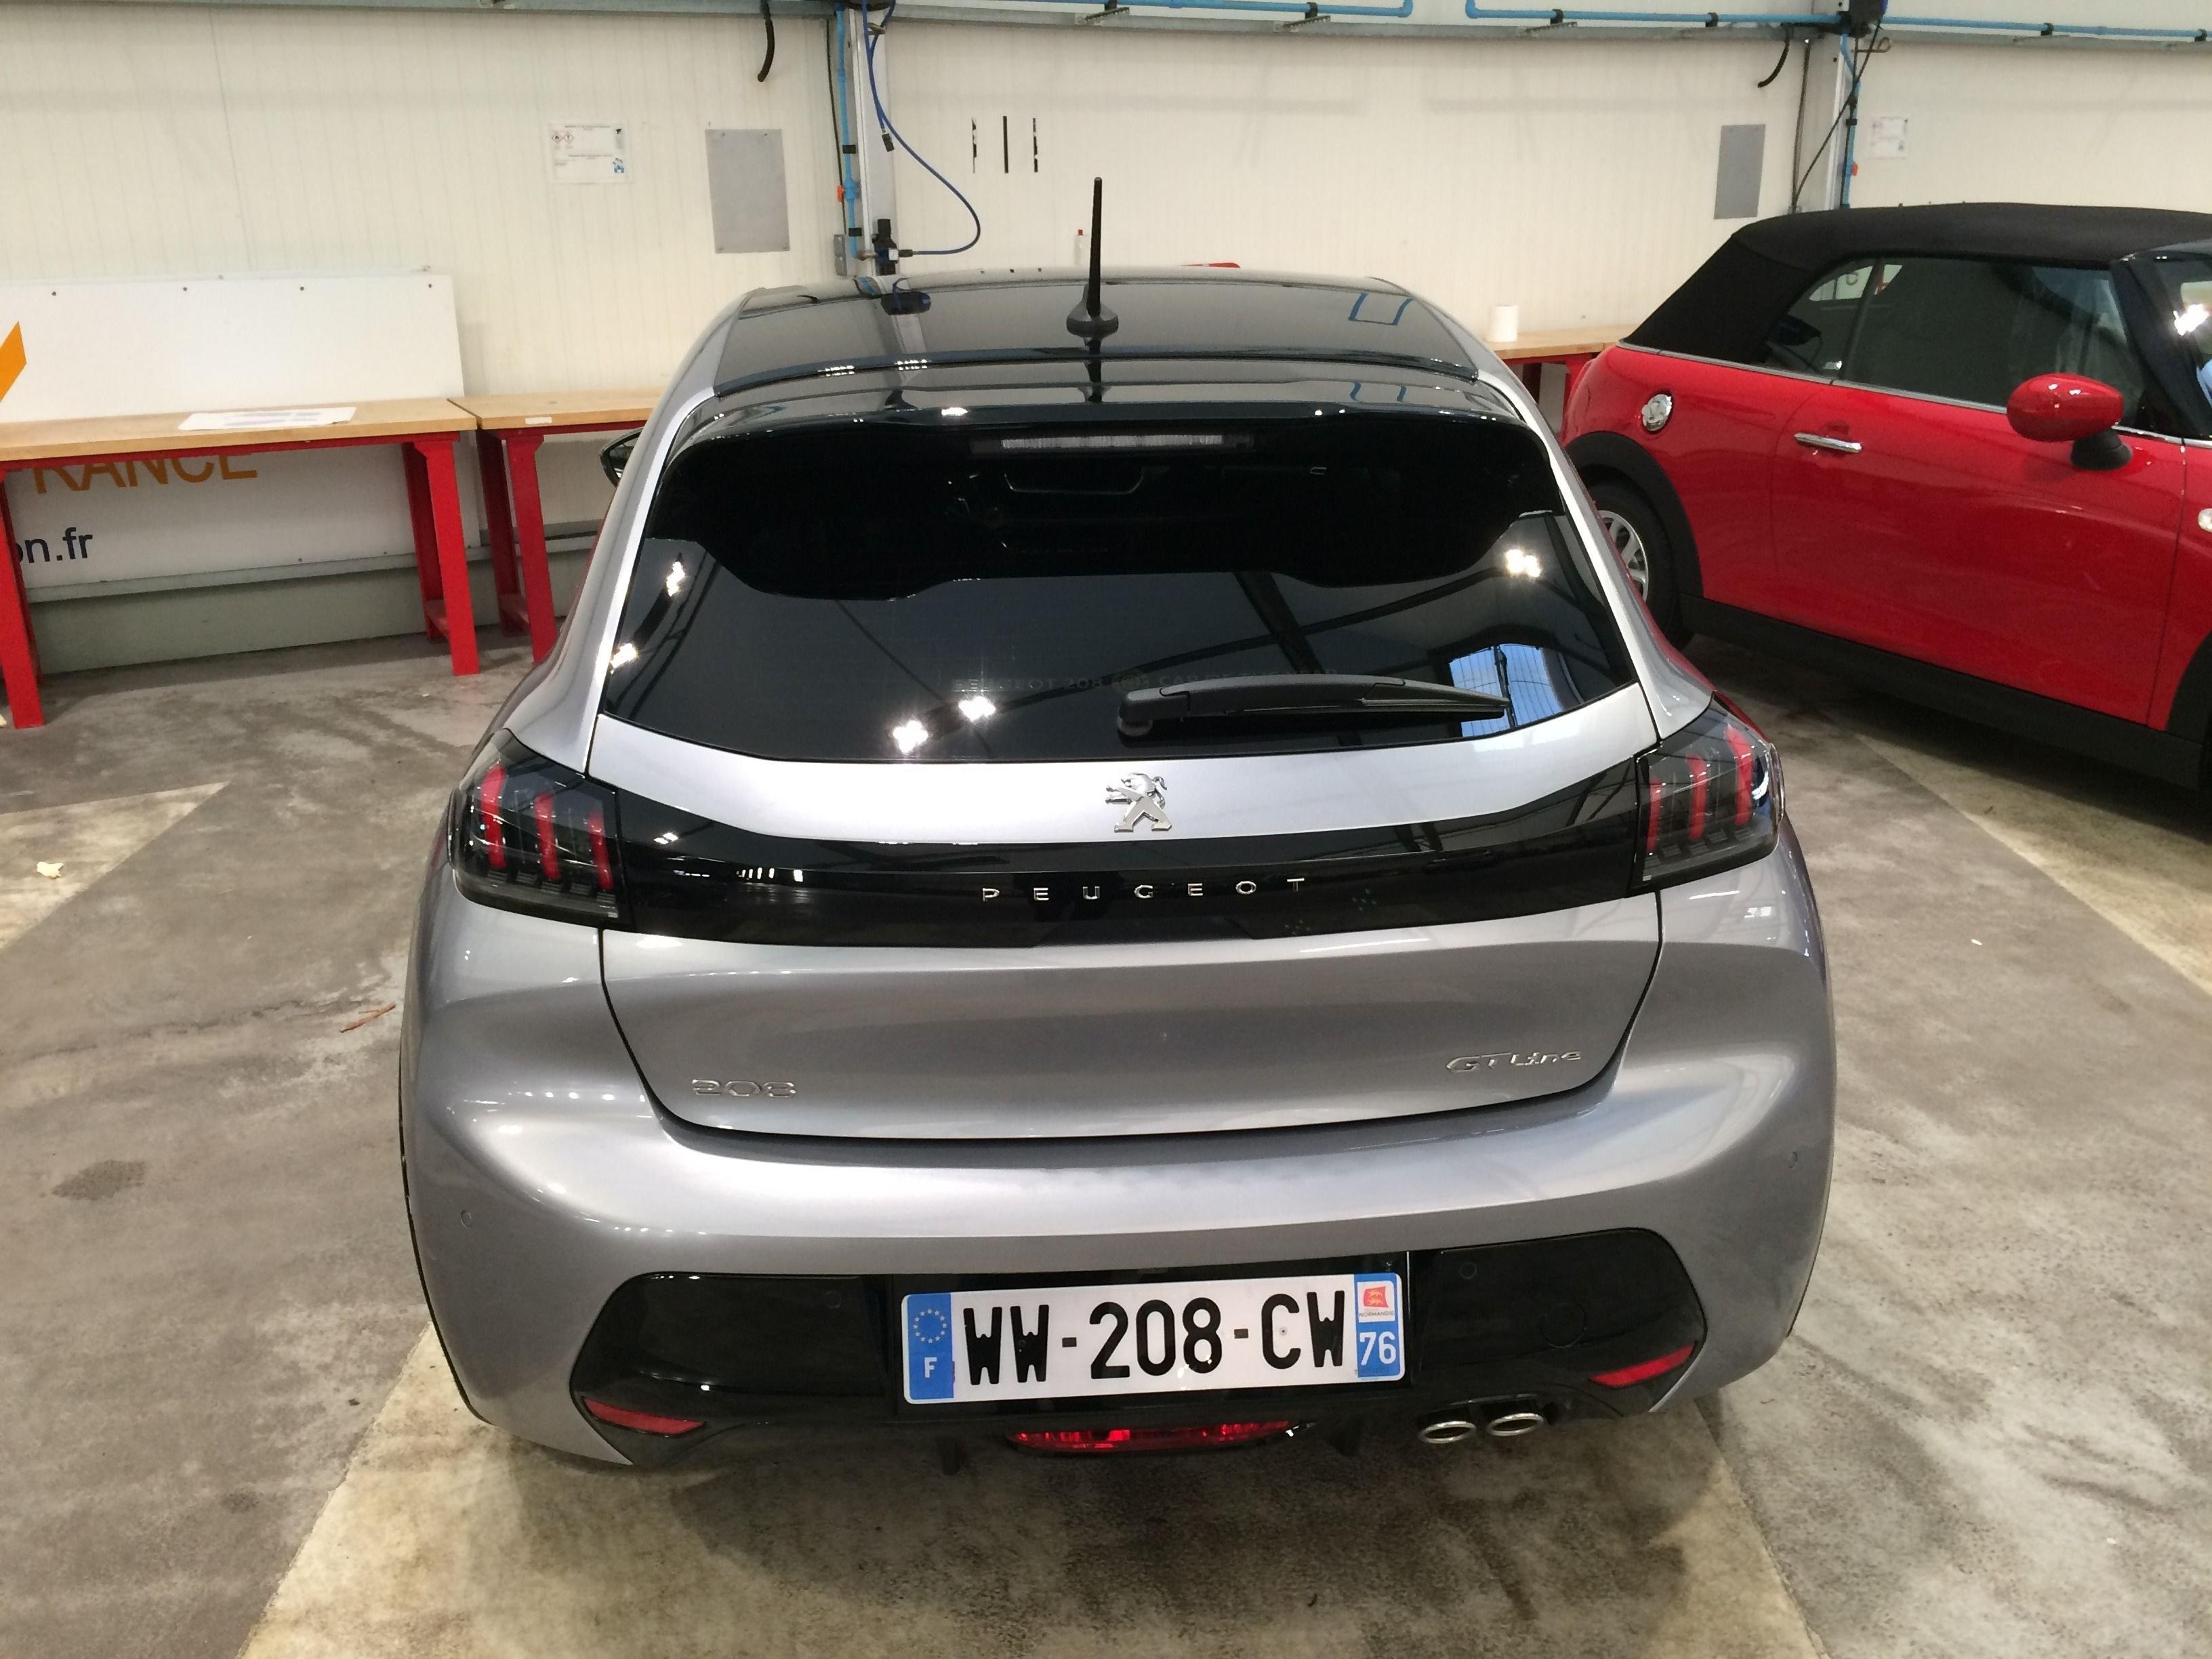 mandataire-auto-Havre-Paris-voiture-vente-autossansfrontieres-Peugeot-208-essence-diesel-électrique